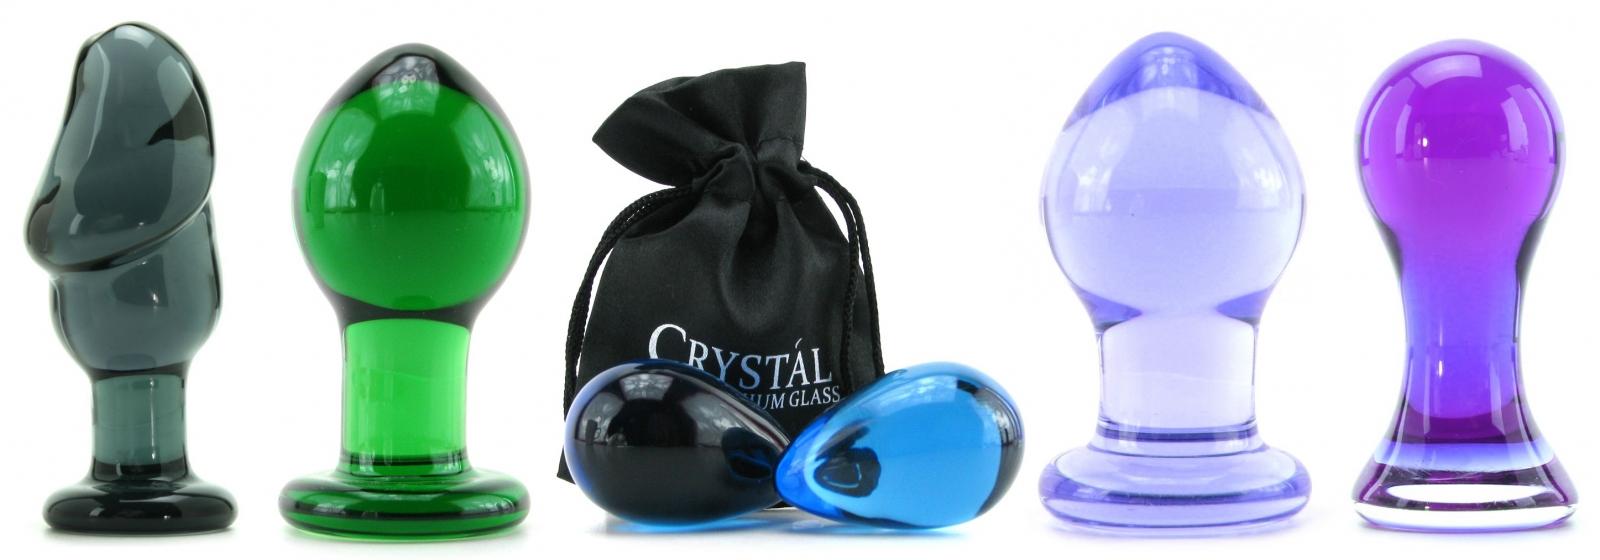 анальные игрушки из стекла